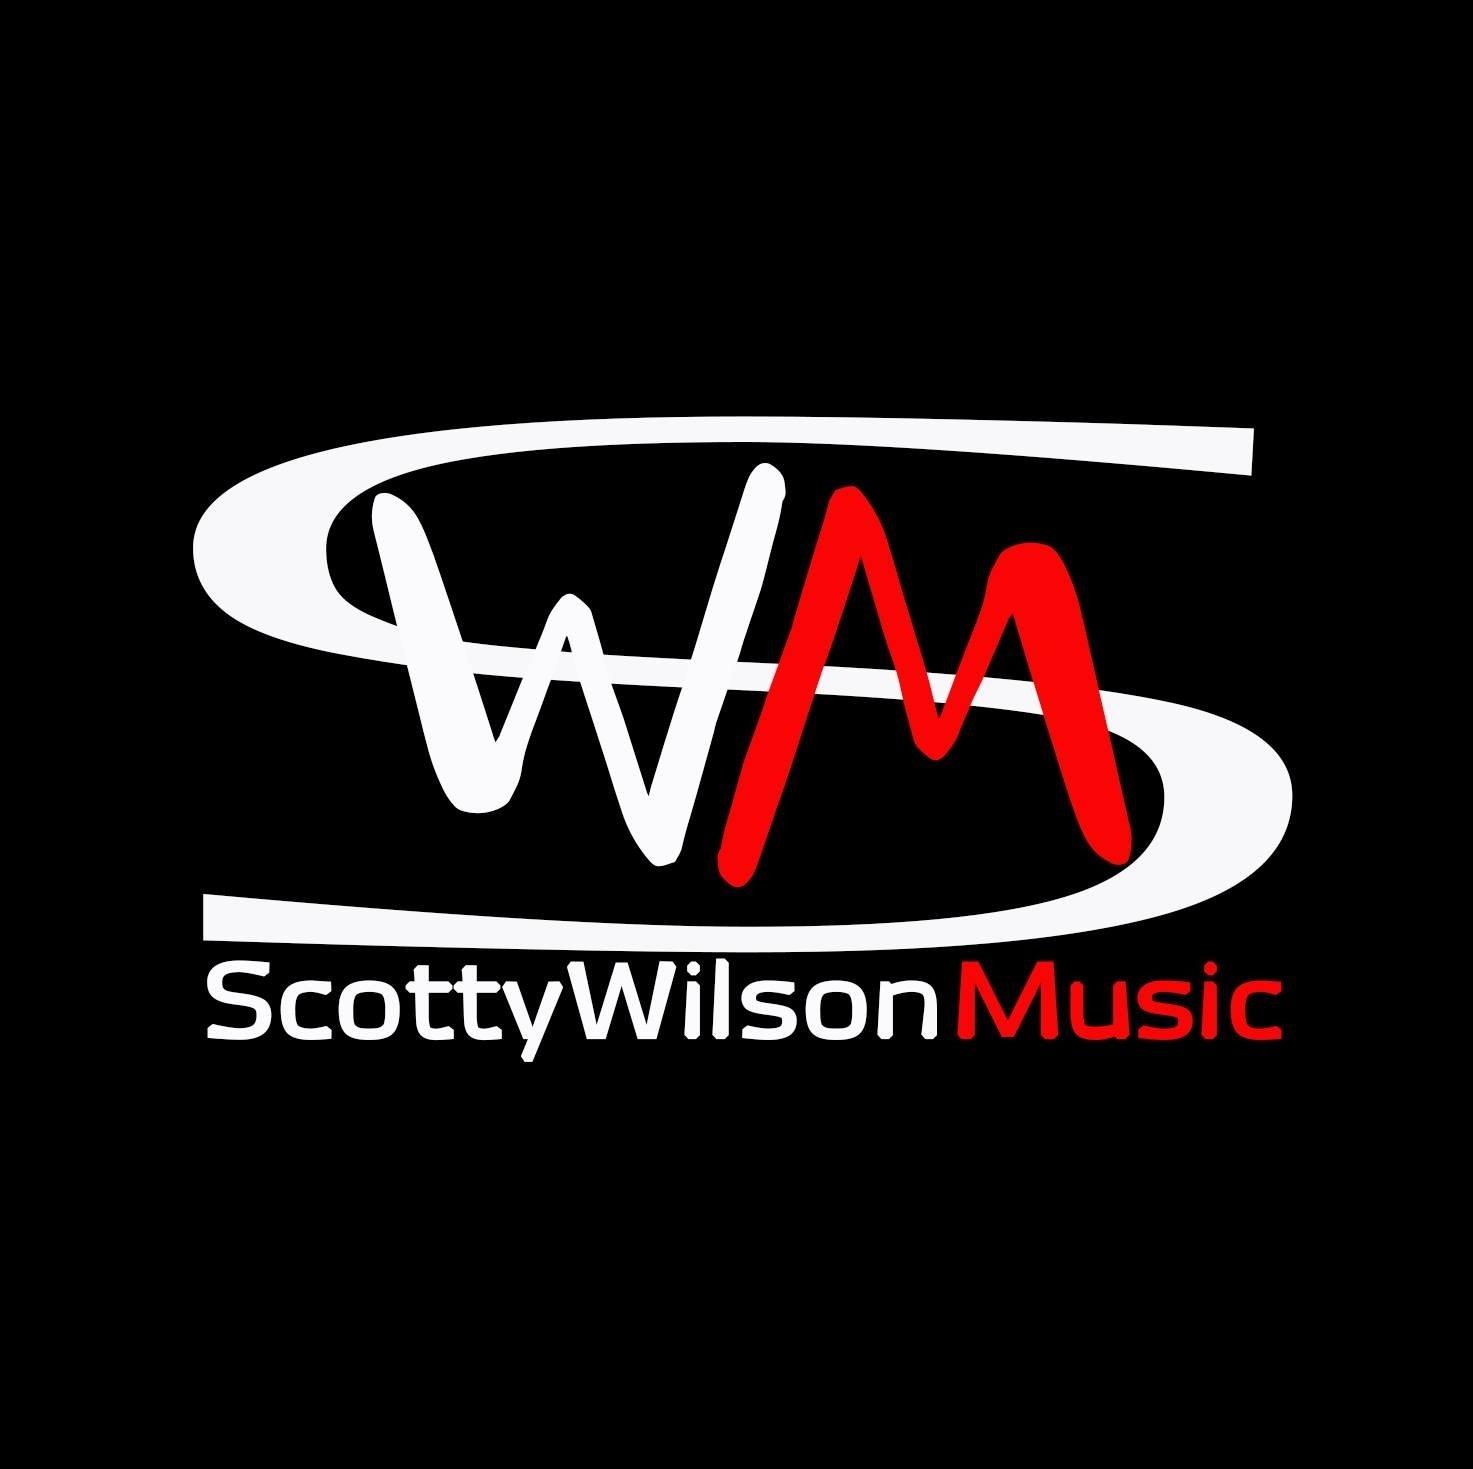 Scotty Wilson Music